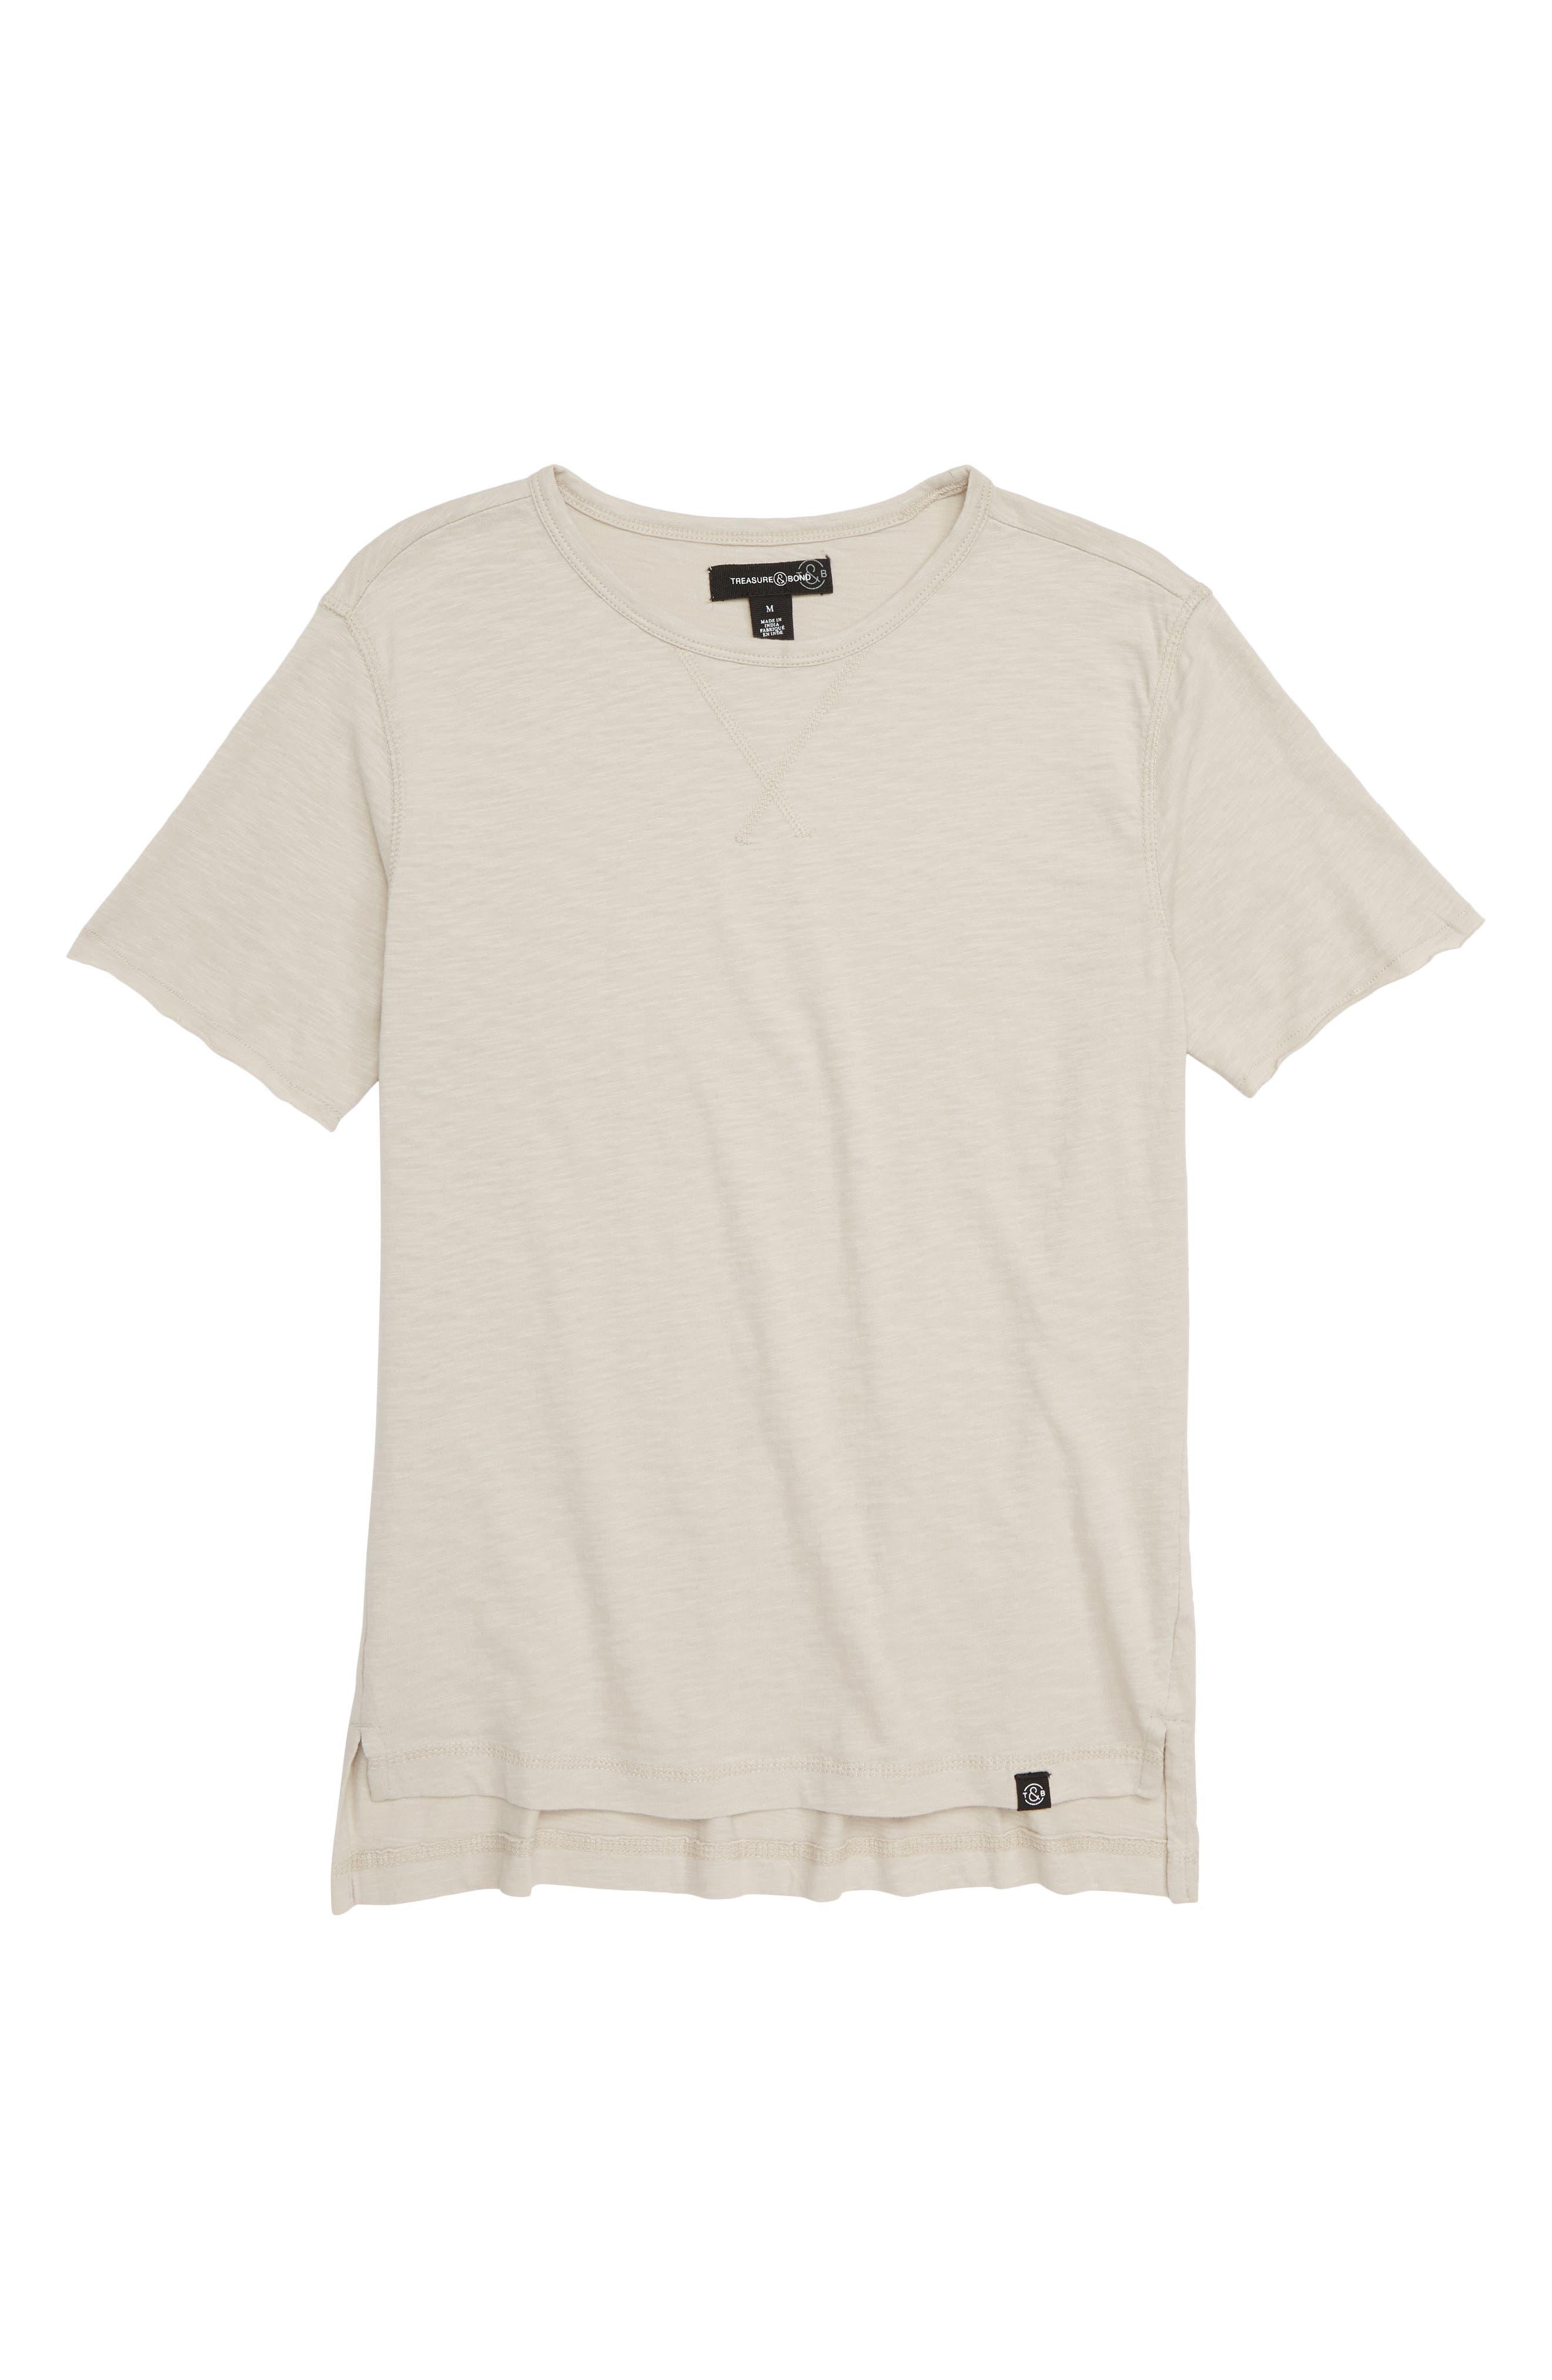 Washed T-Shirt,                             Main thumbnail 1, color,                             GREY CHATEAU